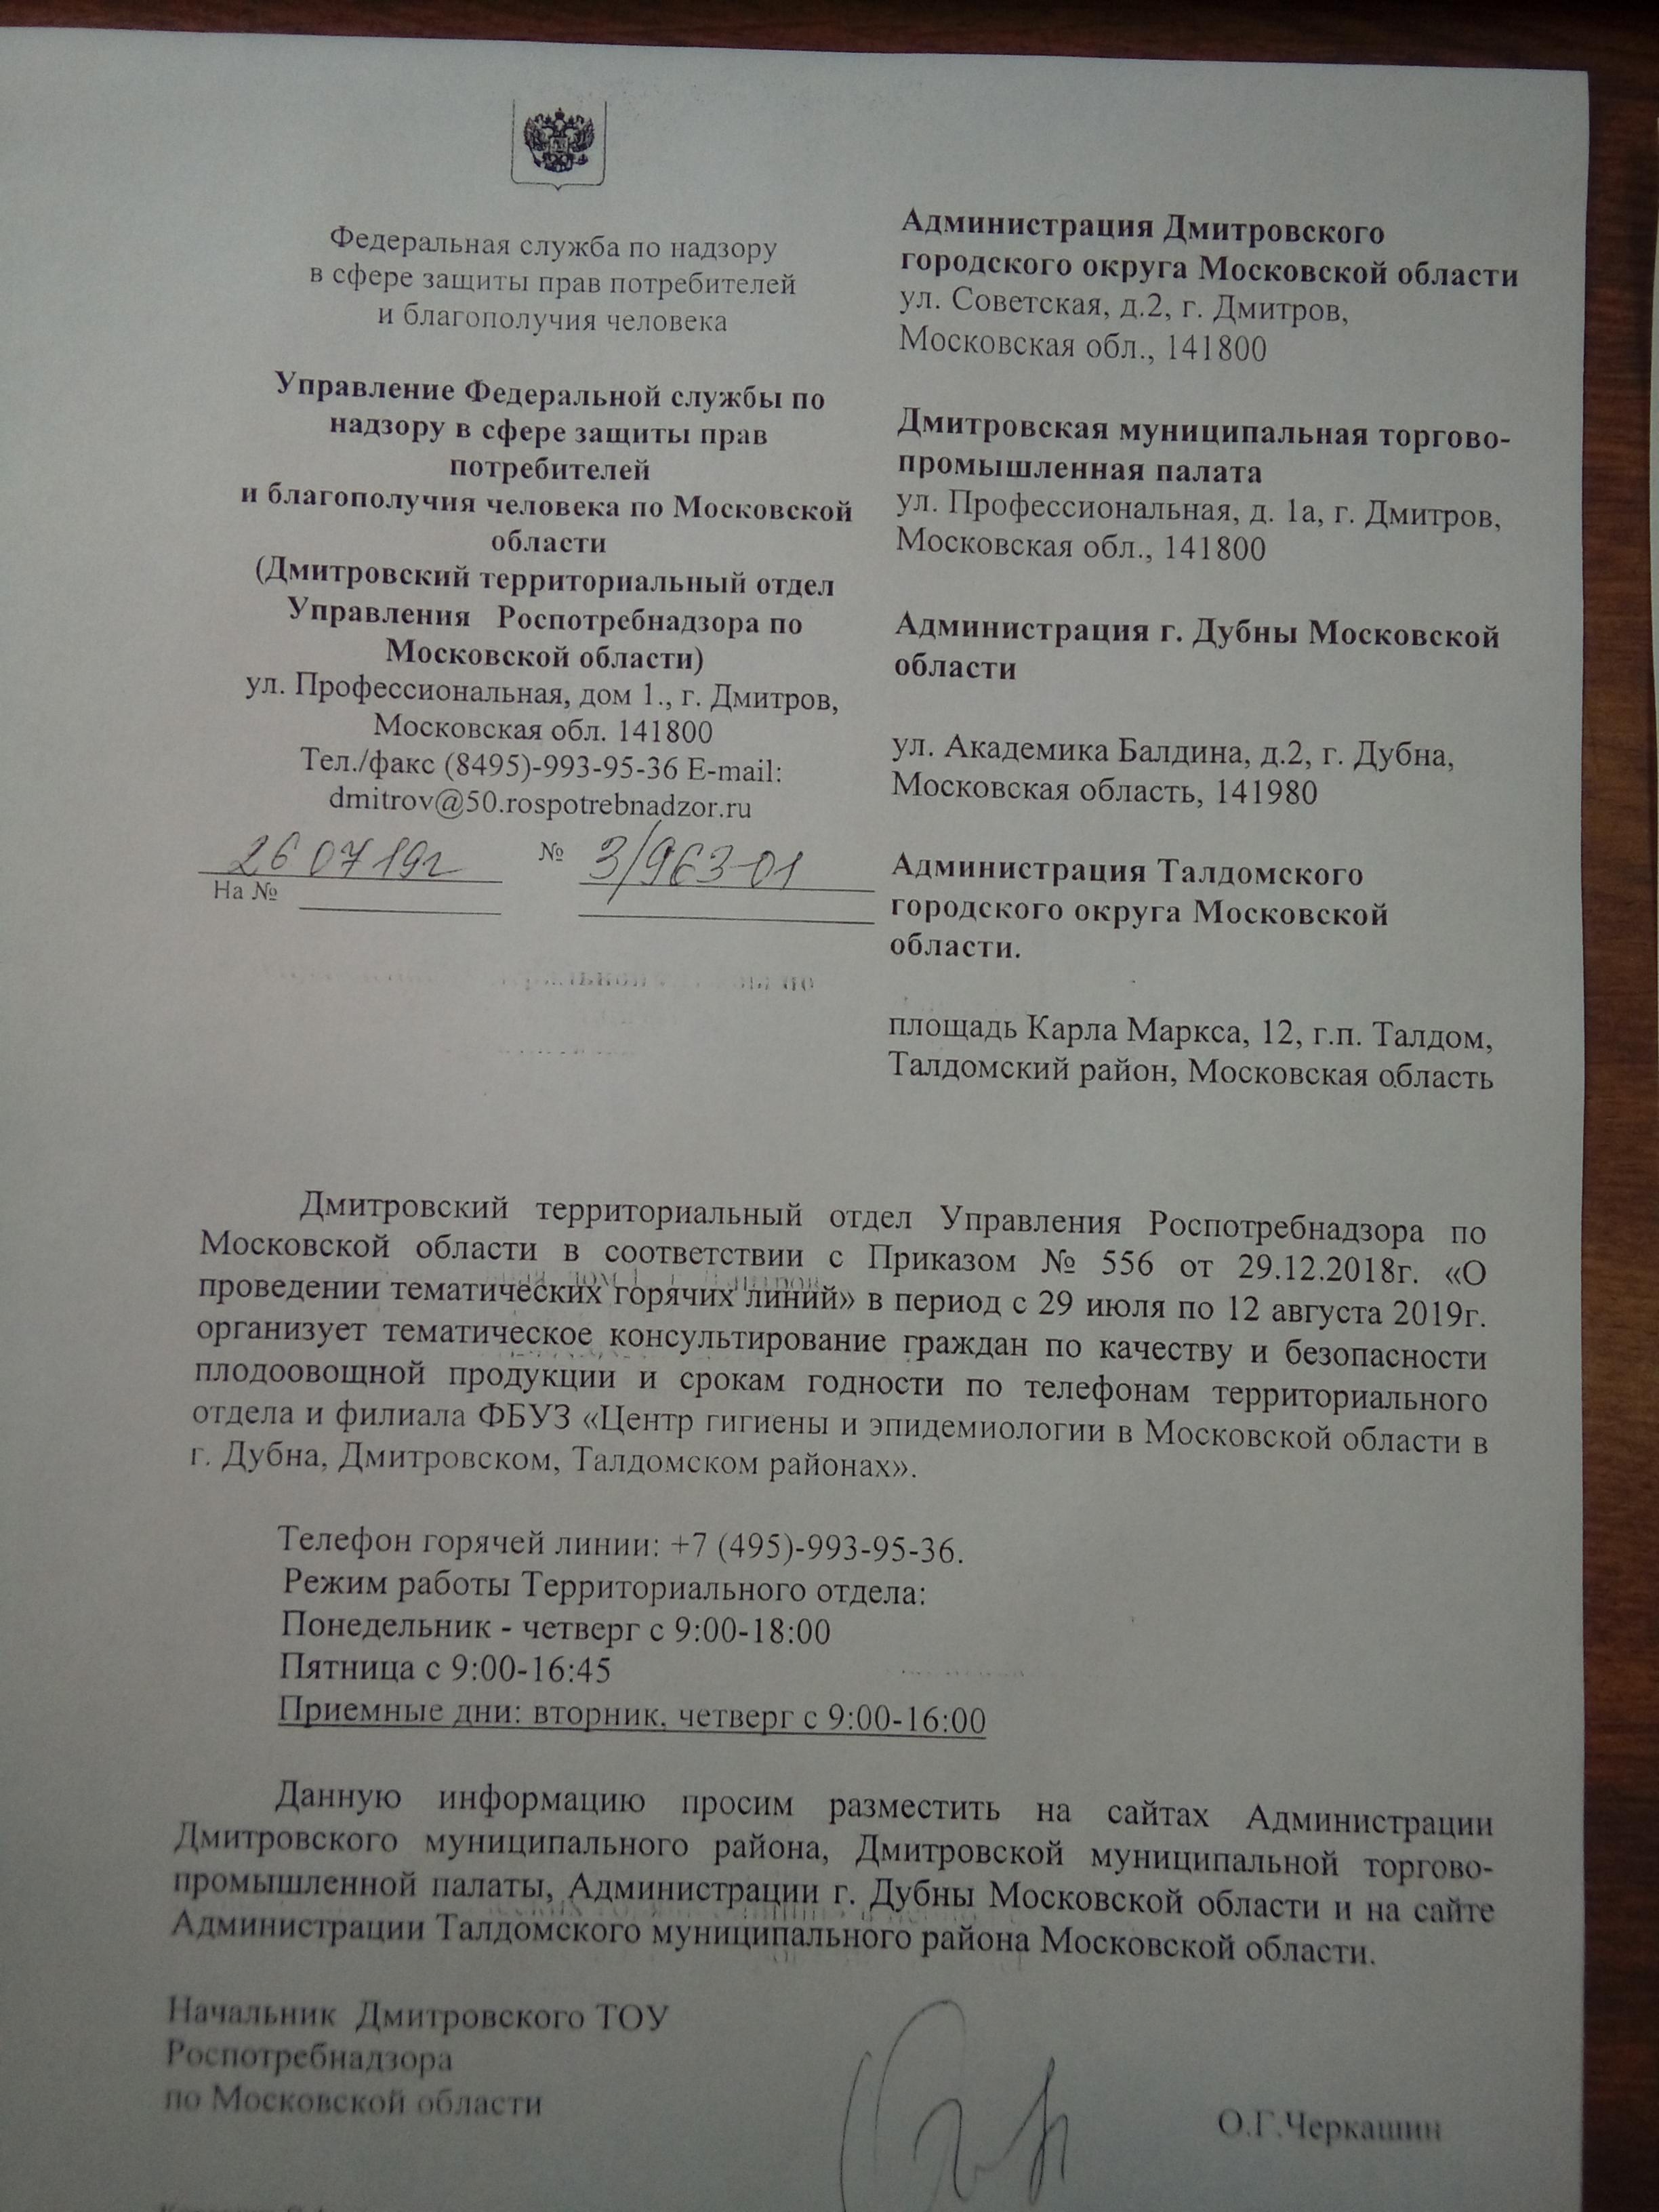 Как проверить медицинскую книжку на подлинность в Москве Дмитровский